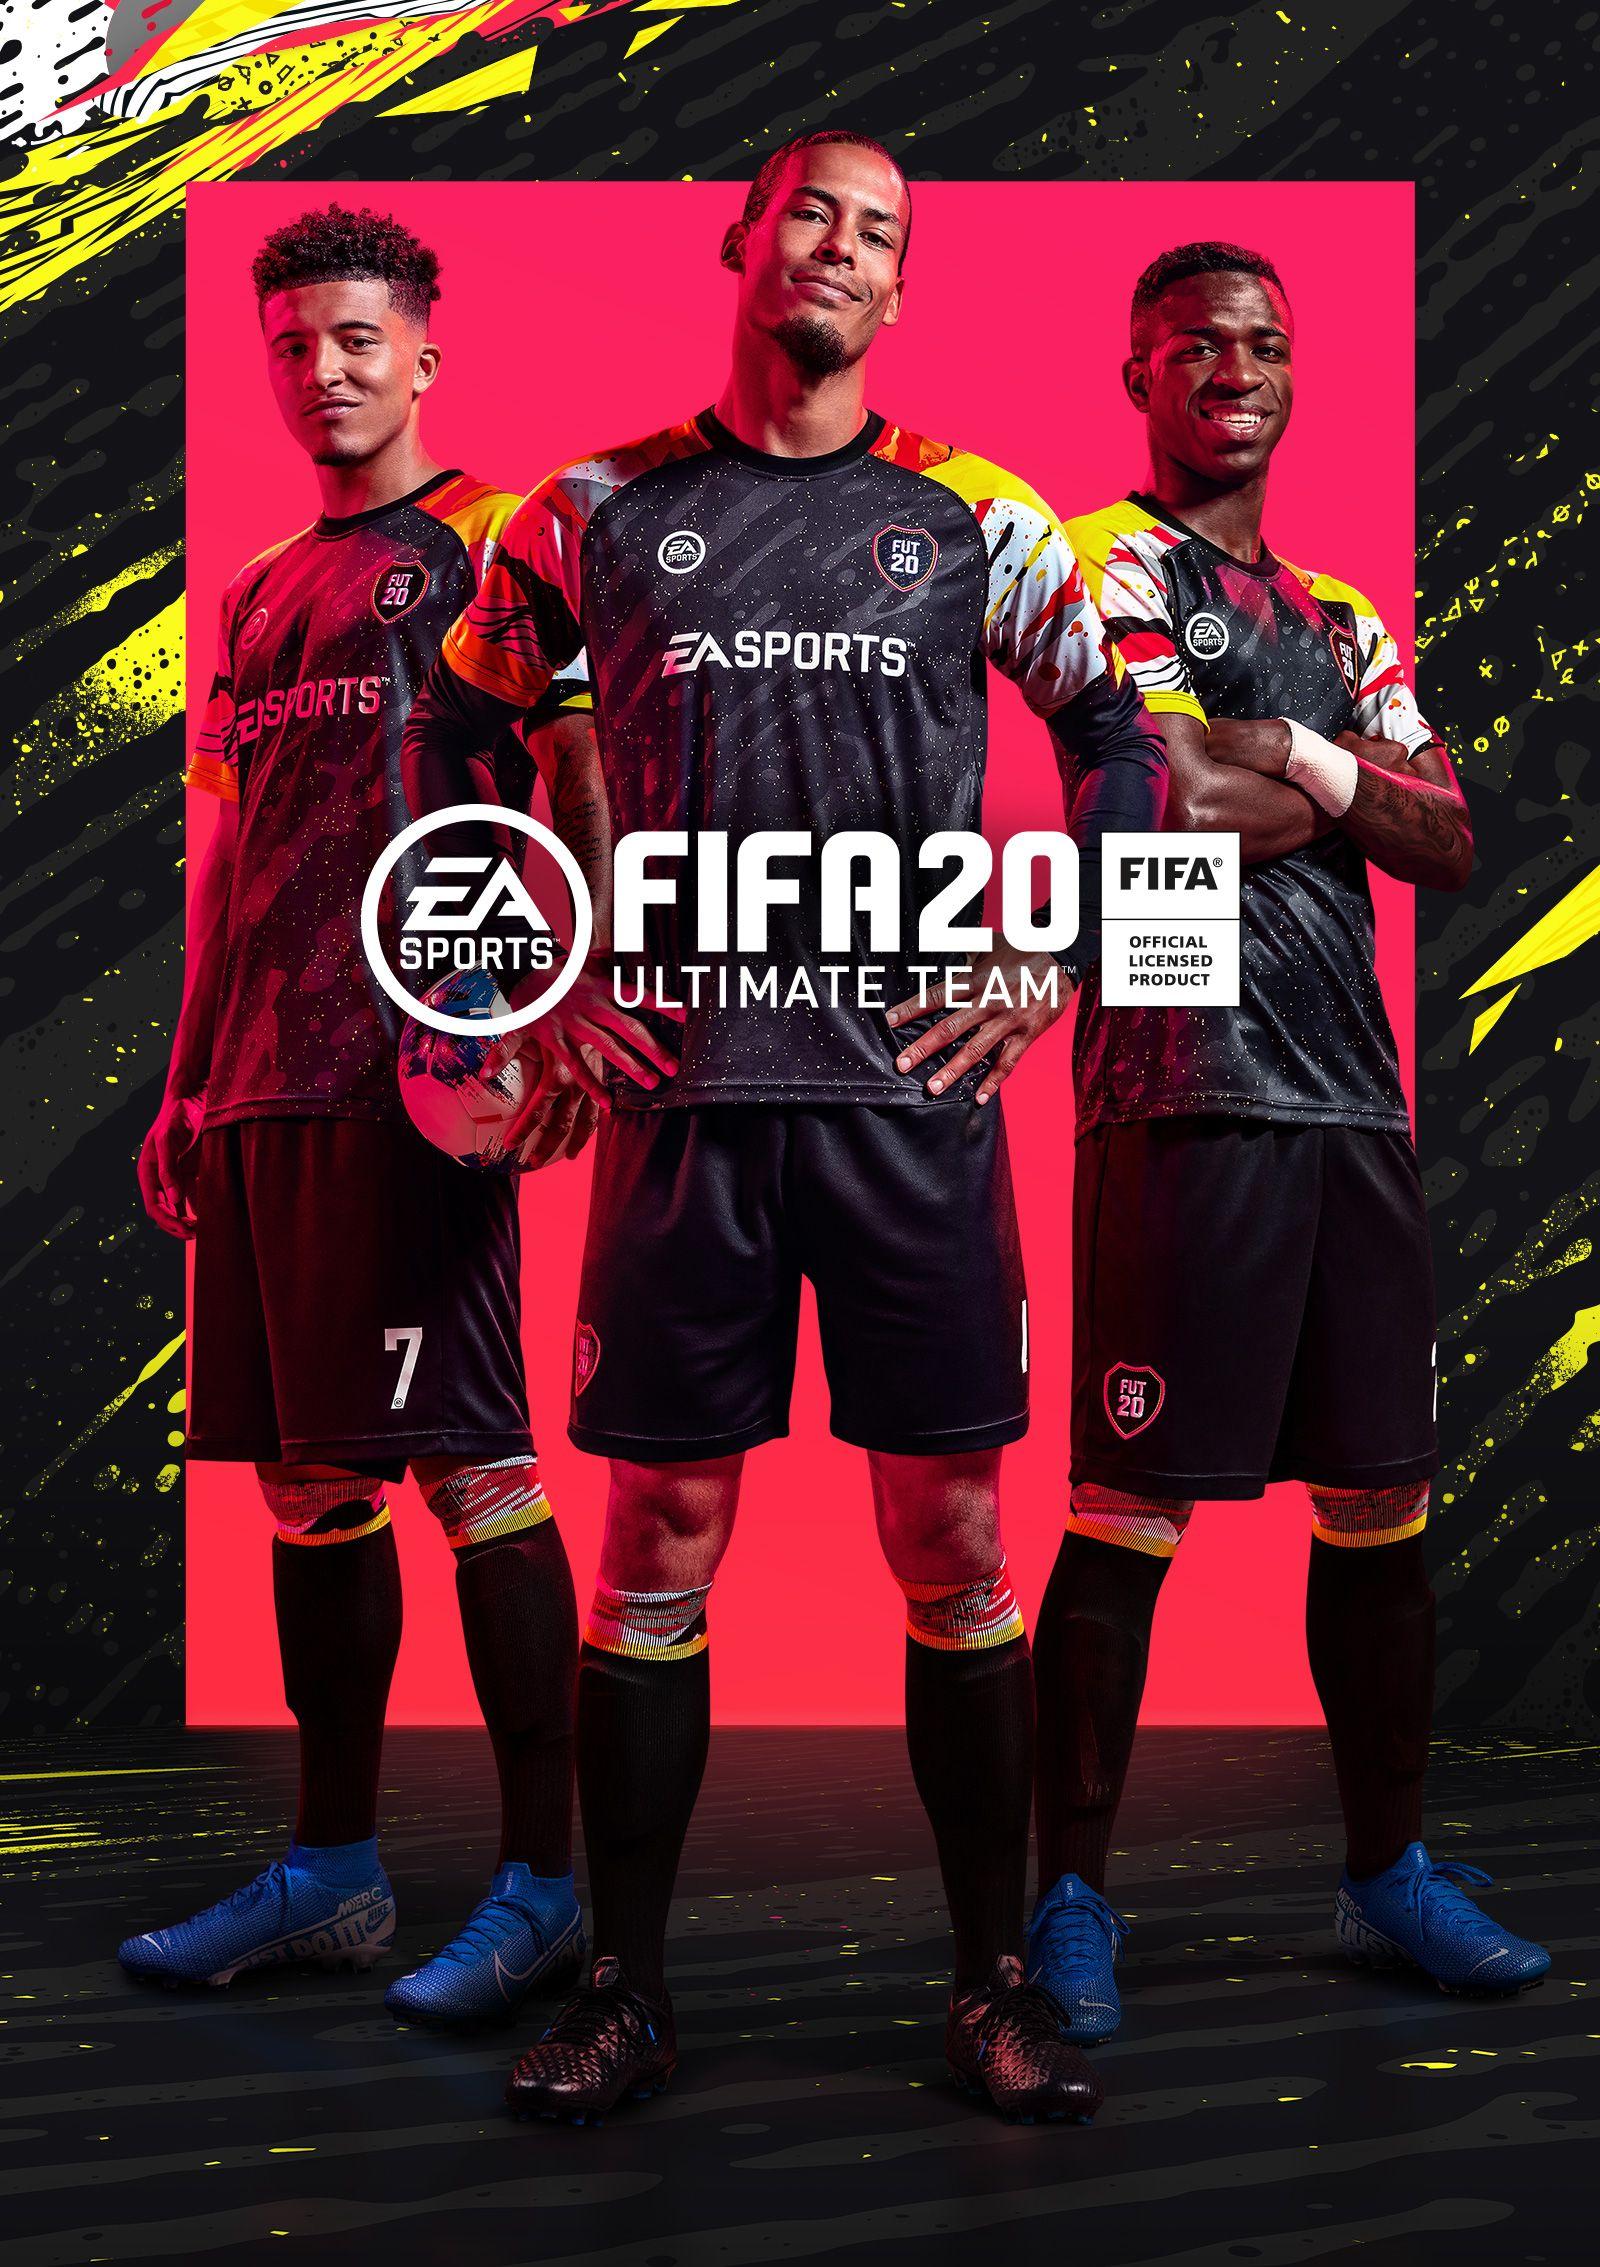 FIFA 20 Kit Design in 2020 Fifa 20, Fifa, Ea sports fifa